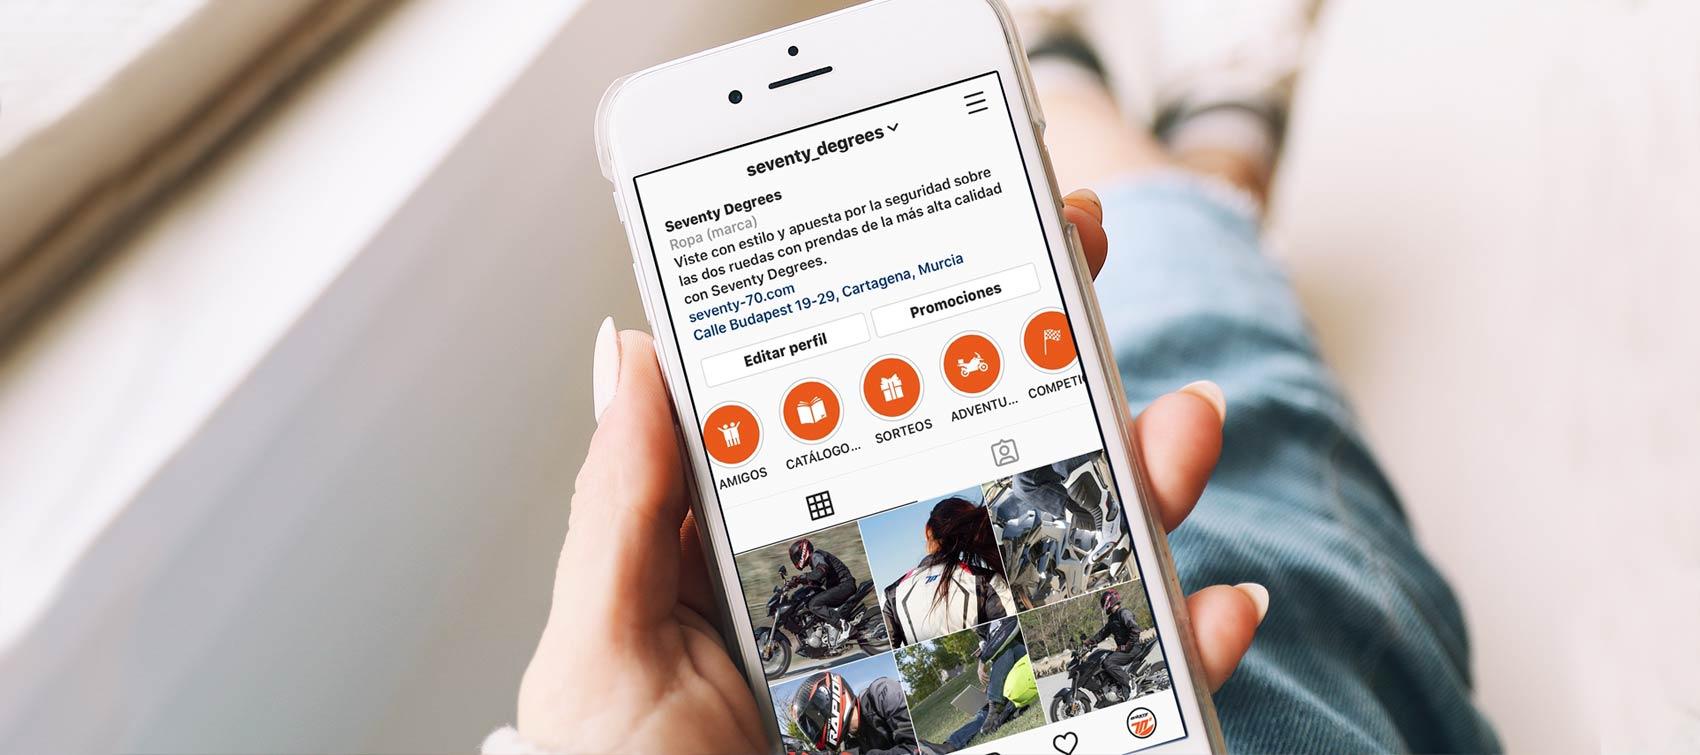 Página de Instagram de Seventy Degrees desde la pantalla de un Smartphone